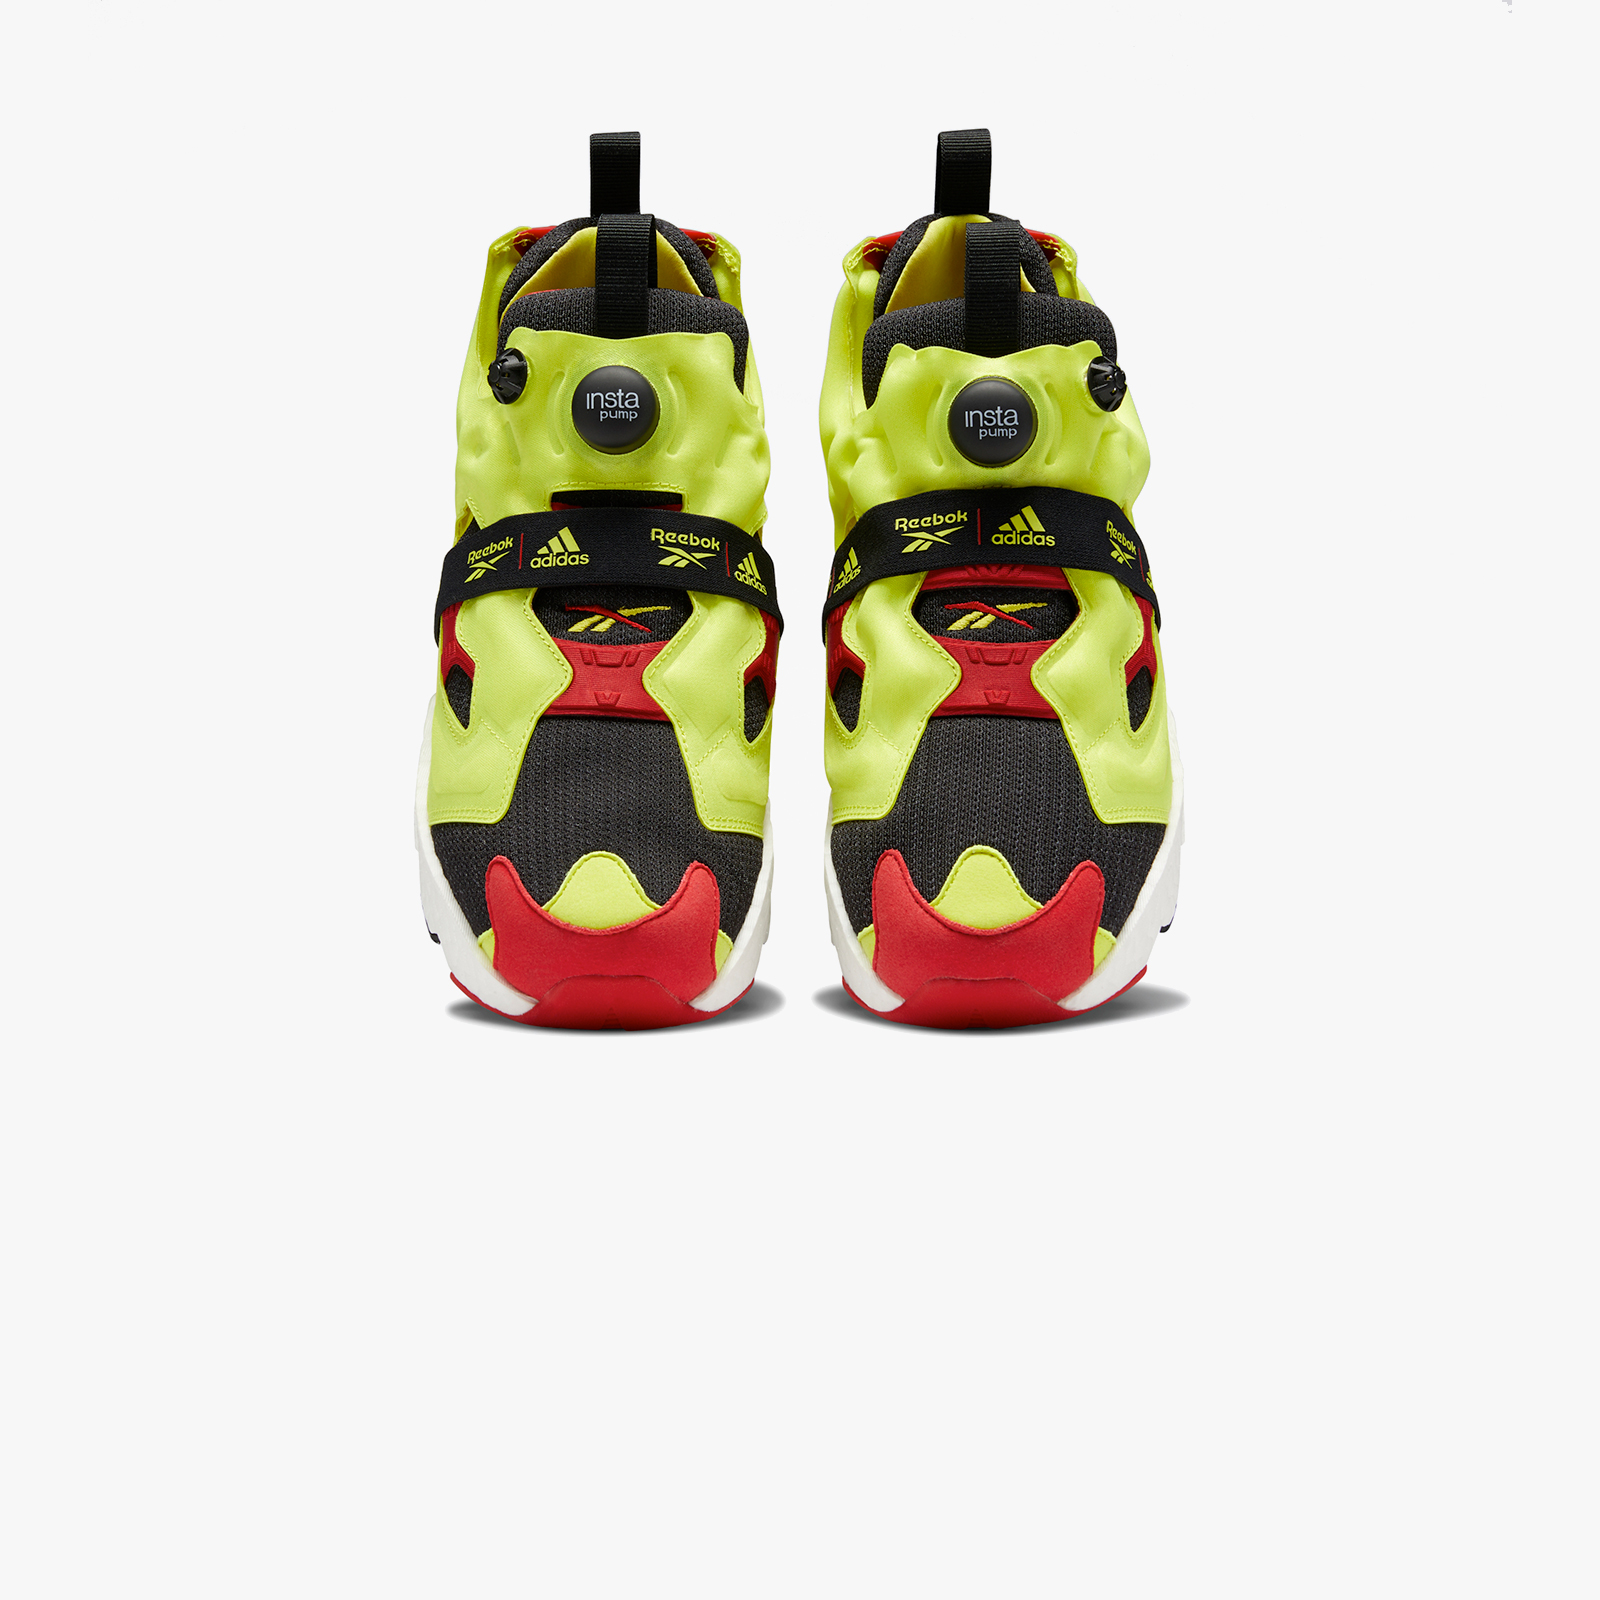 Damen Sneakers Reebok Classics Instapump Fury Boost™ Shoes Herren